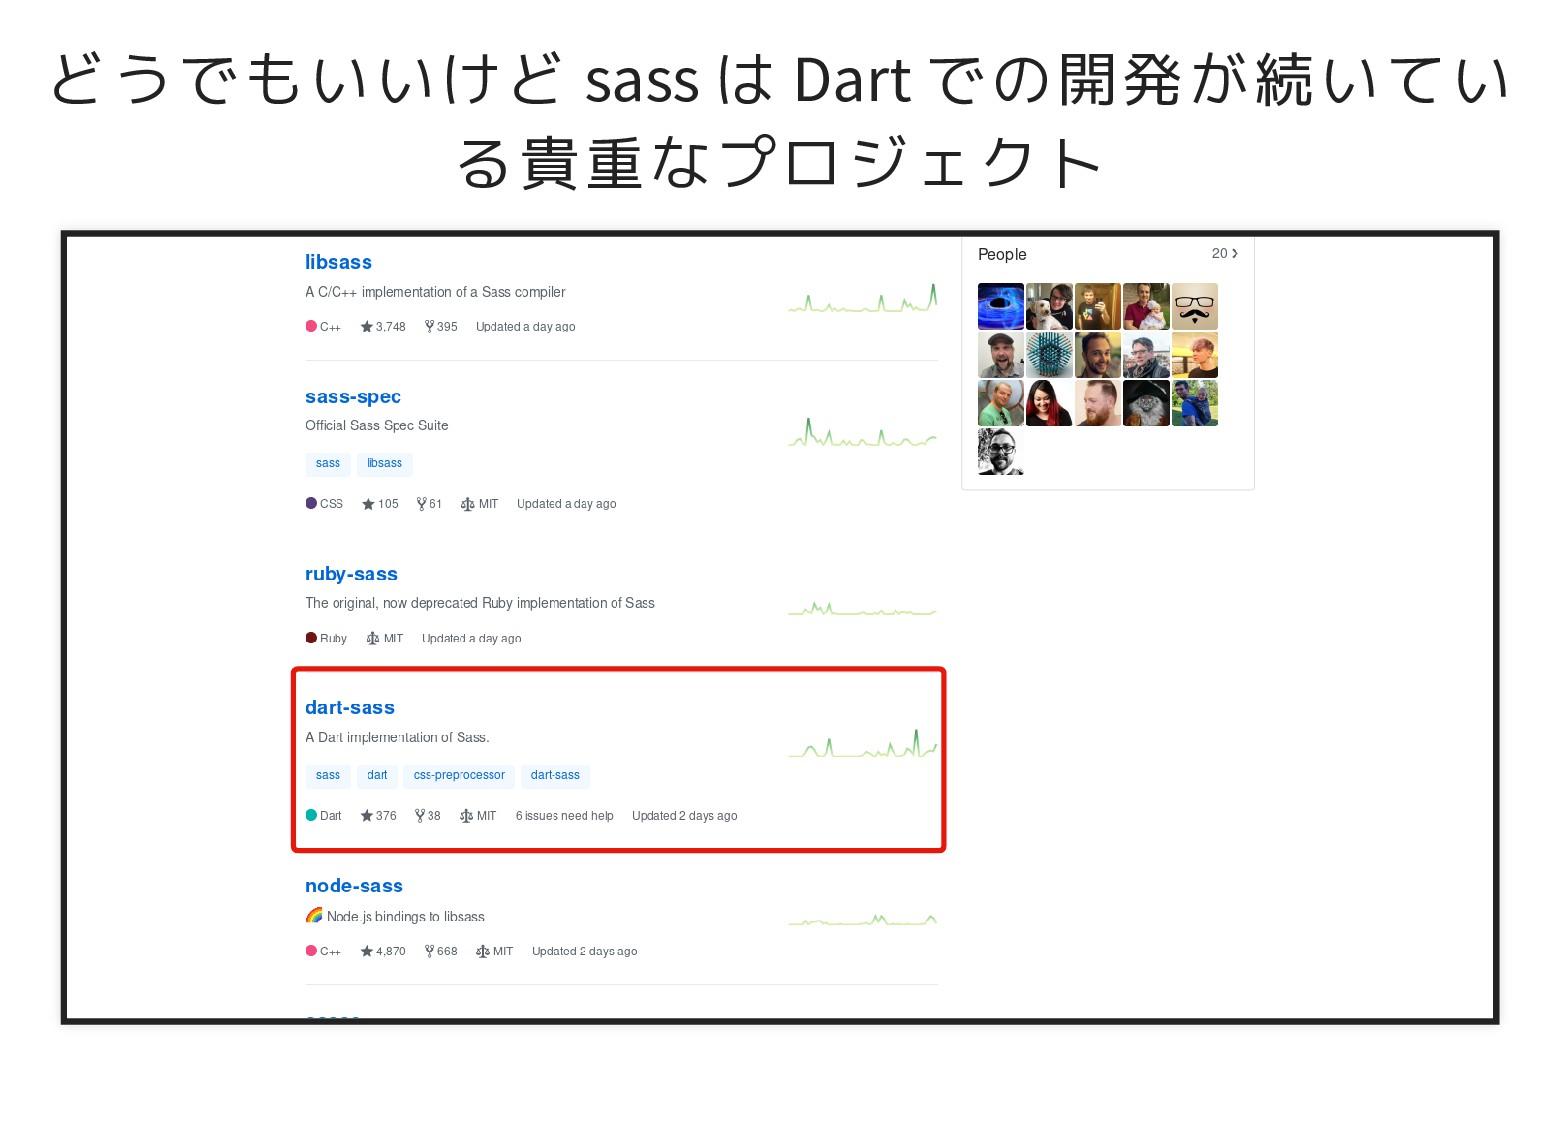 どうでもいいけど sass は Dart での開発が続いてい る貴重なプロジェクト